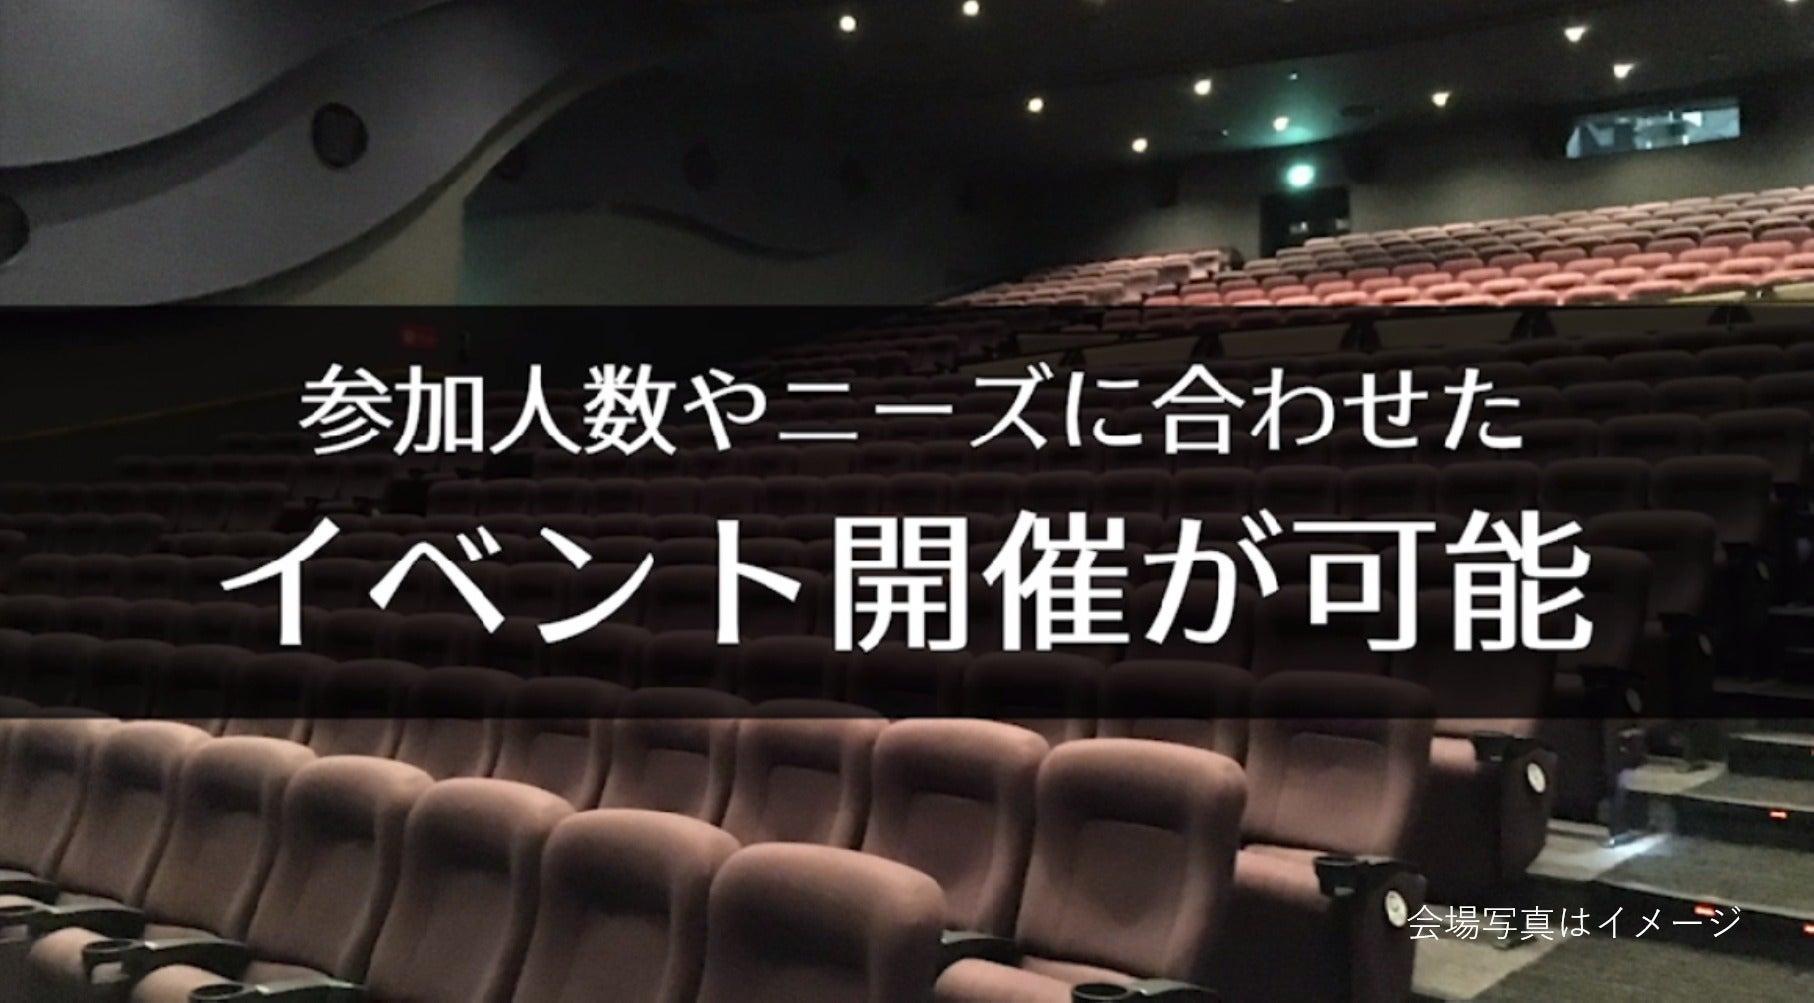 【豊橋 100席】映画館で、会社説明会、株主総会、講演会の企画はいかがですか(ユナイテッド・シネマ豊橋18) の写真0